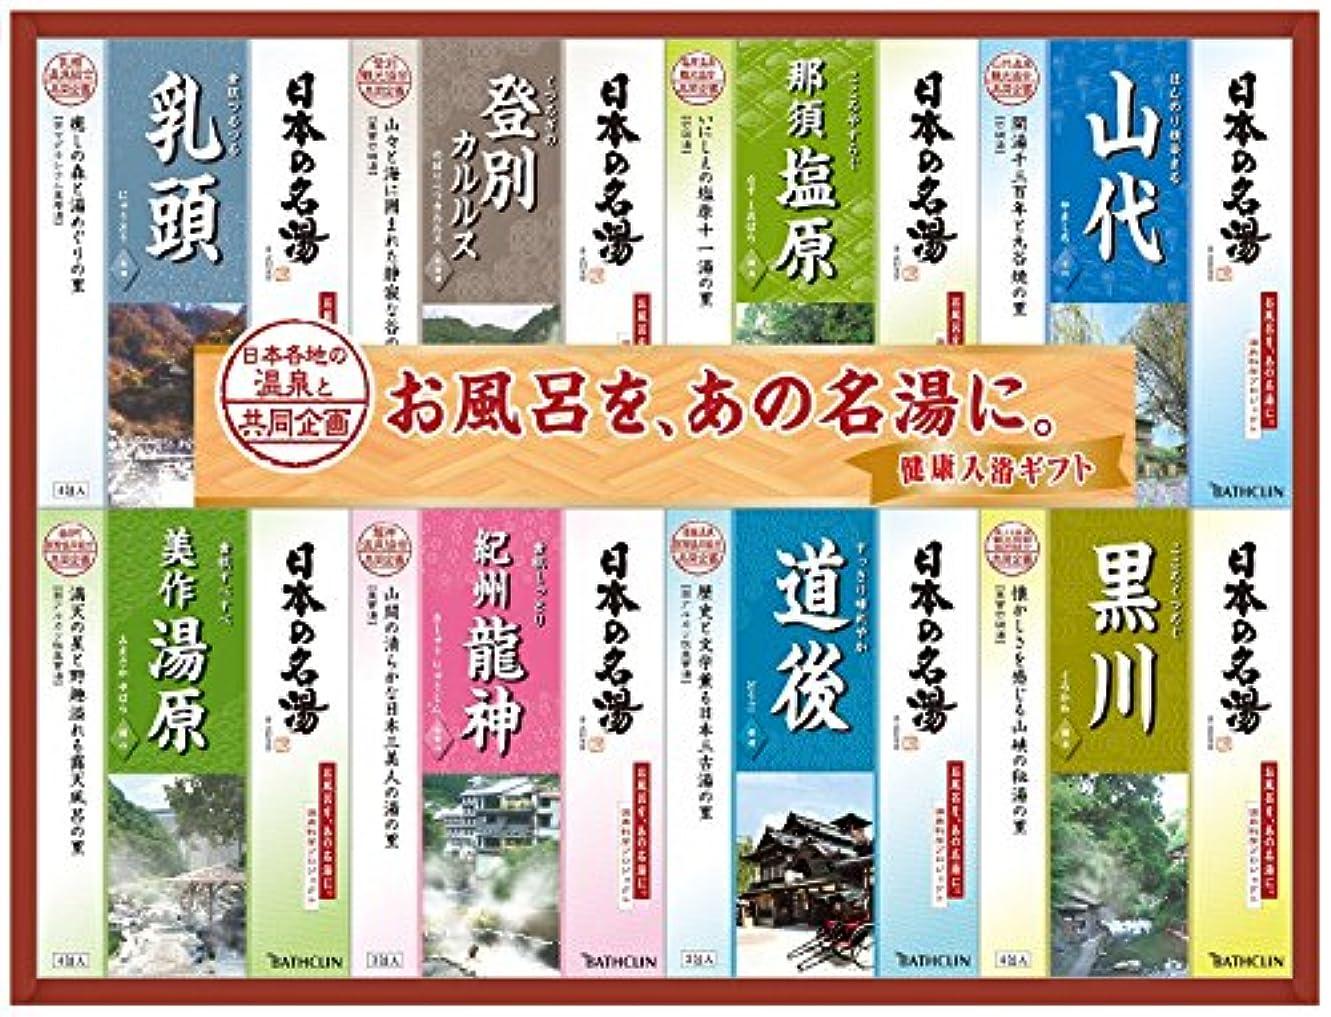 一目マーチャンダイザー対処するnobrand 日本の名湯ギフト 入浴剤 (NMG-30F)